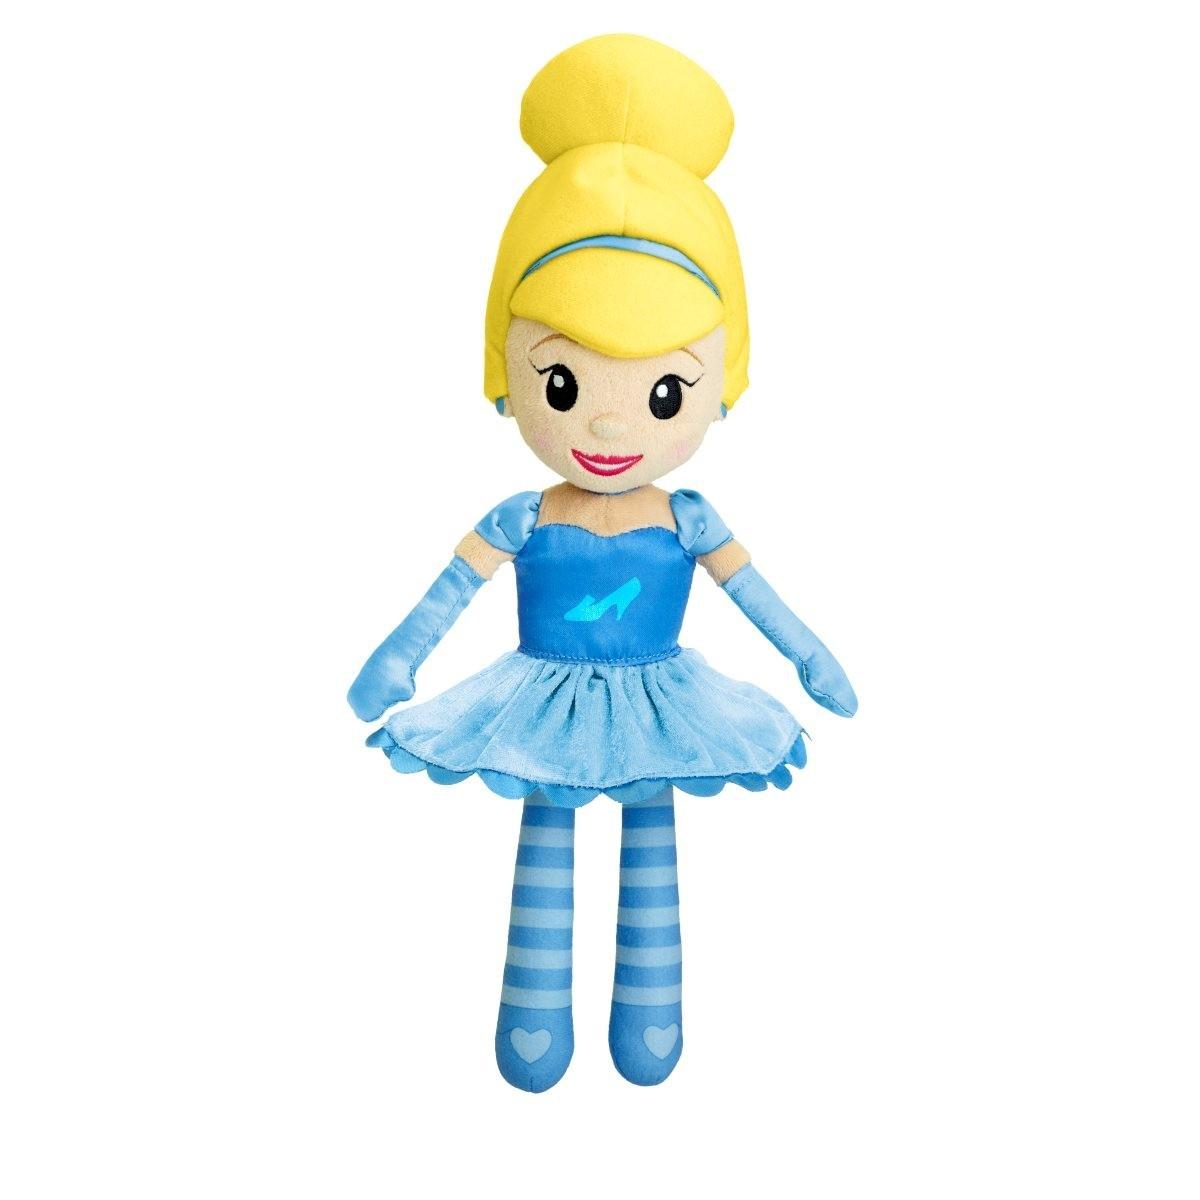 Мягкая кукла Disney Princess - Волшебные мелодии - ЗолушкаЗолушка<br>Мягкая кукла Disney Princess - Волшебные мелодии - Золушка<br>